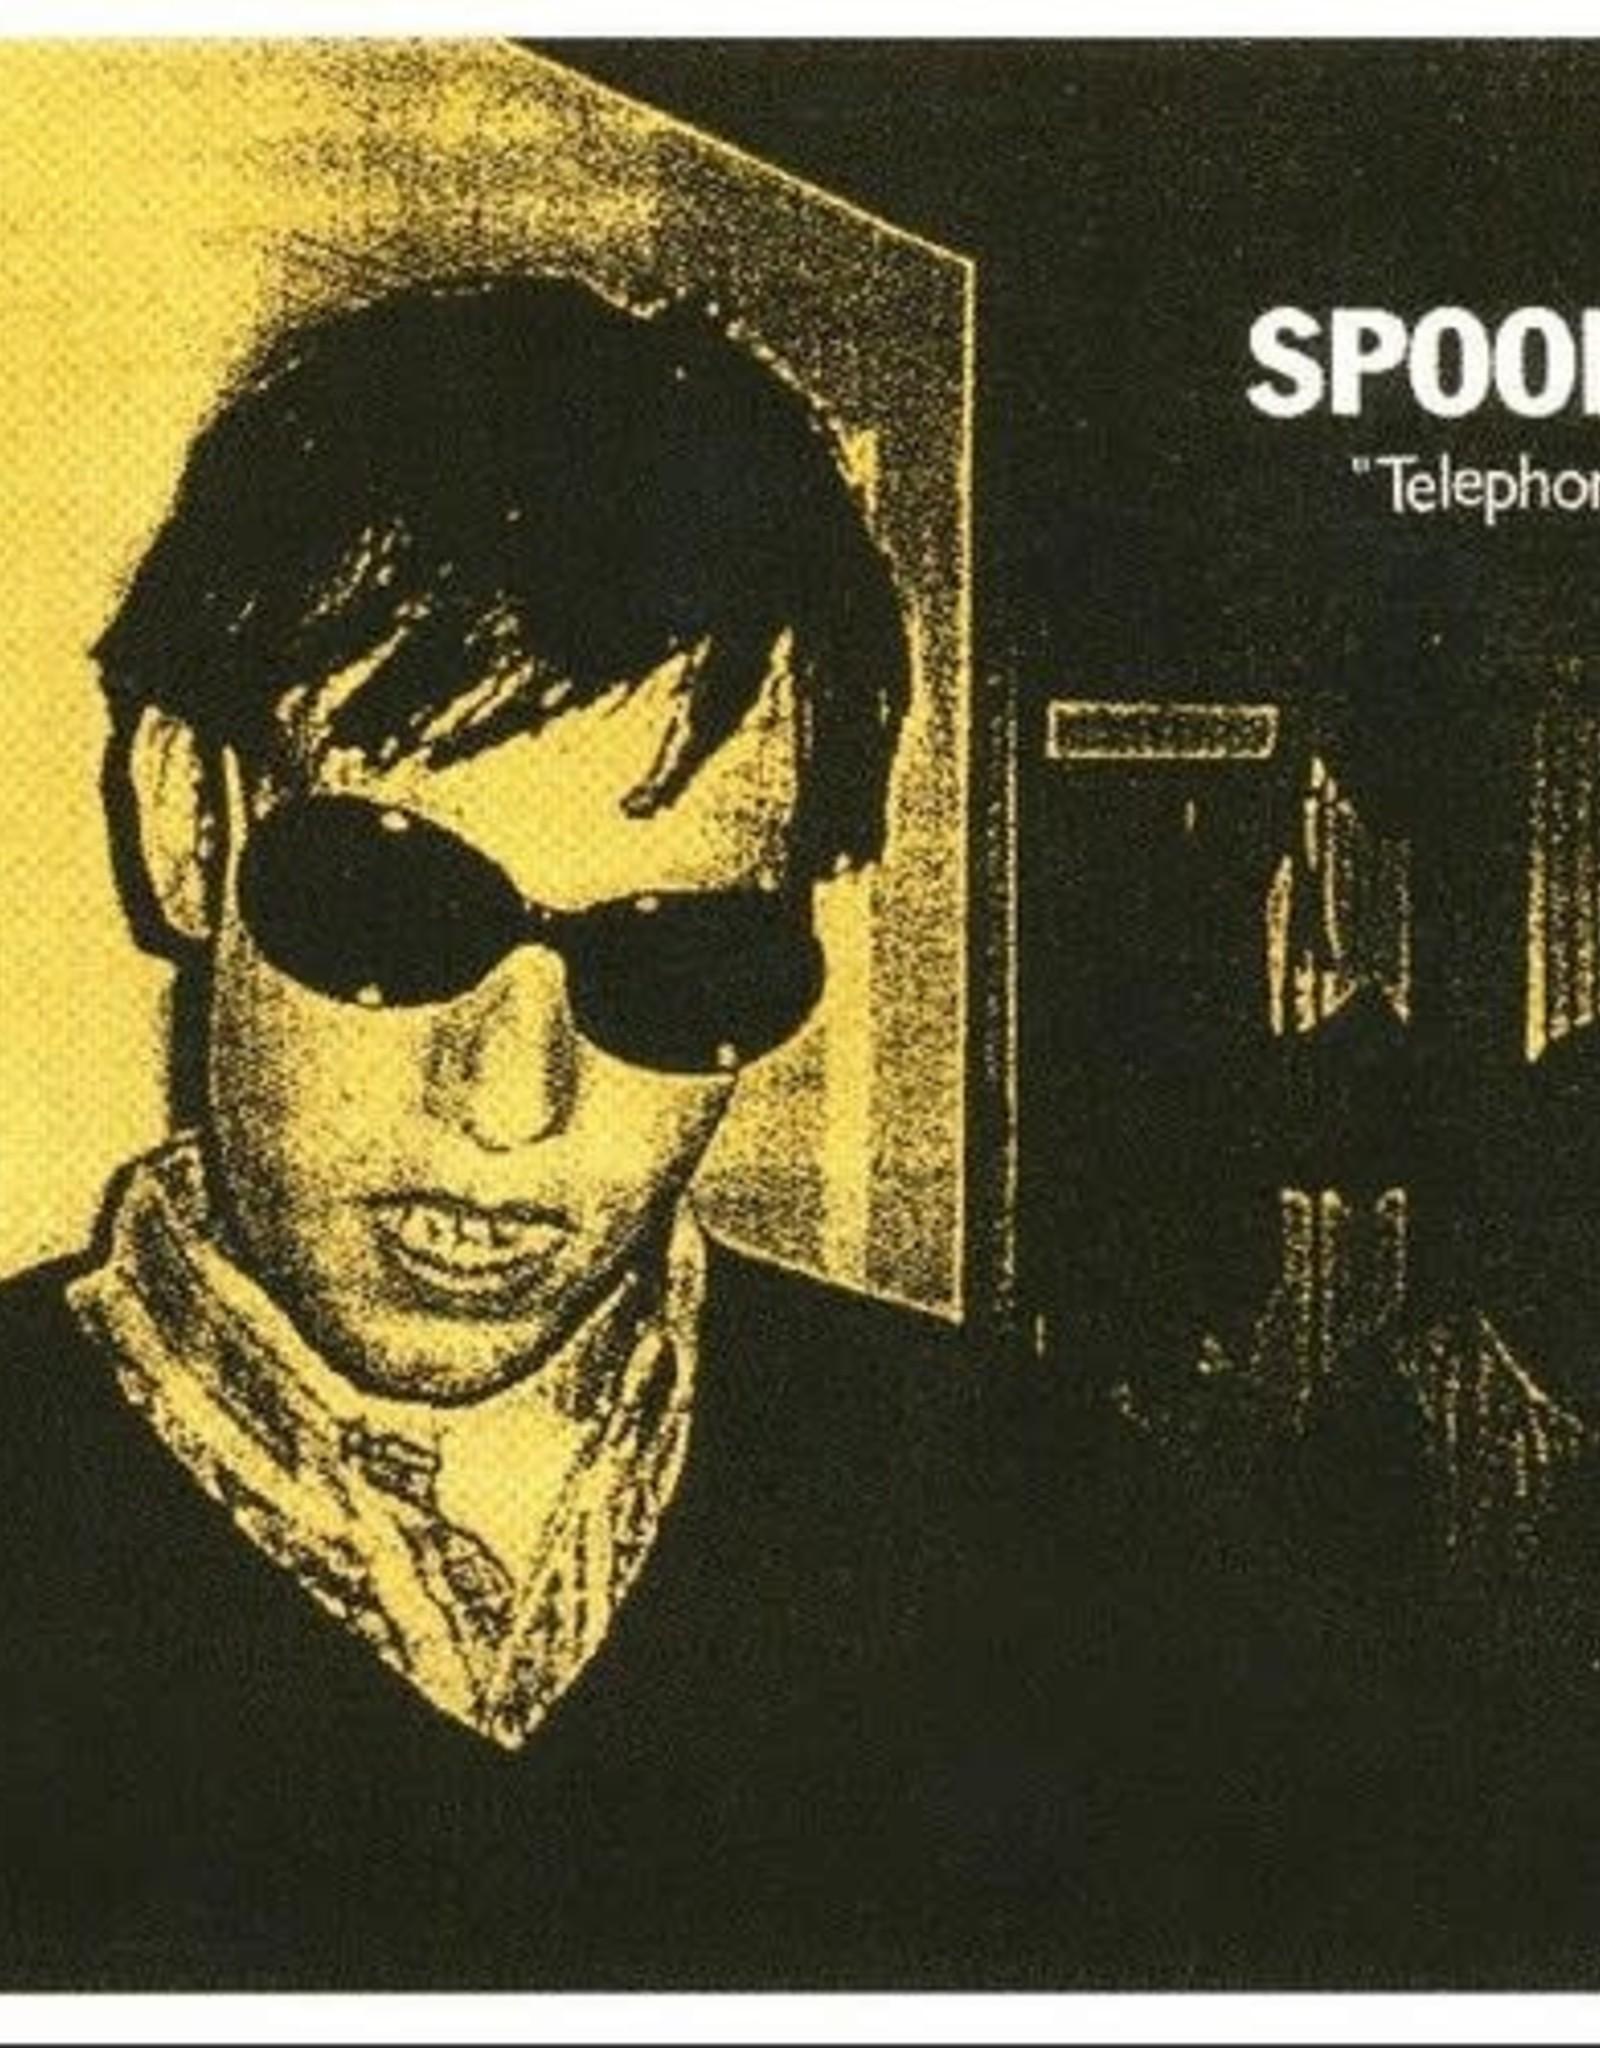 Spoon - Telephono